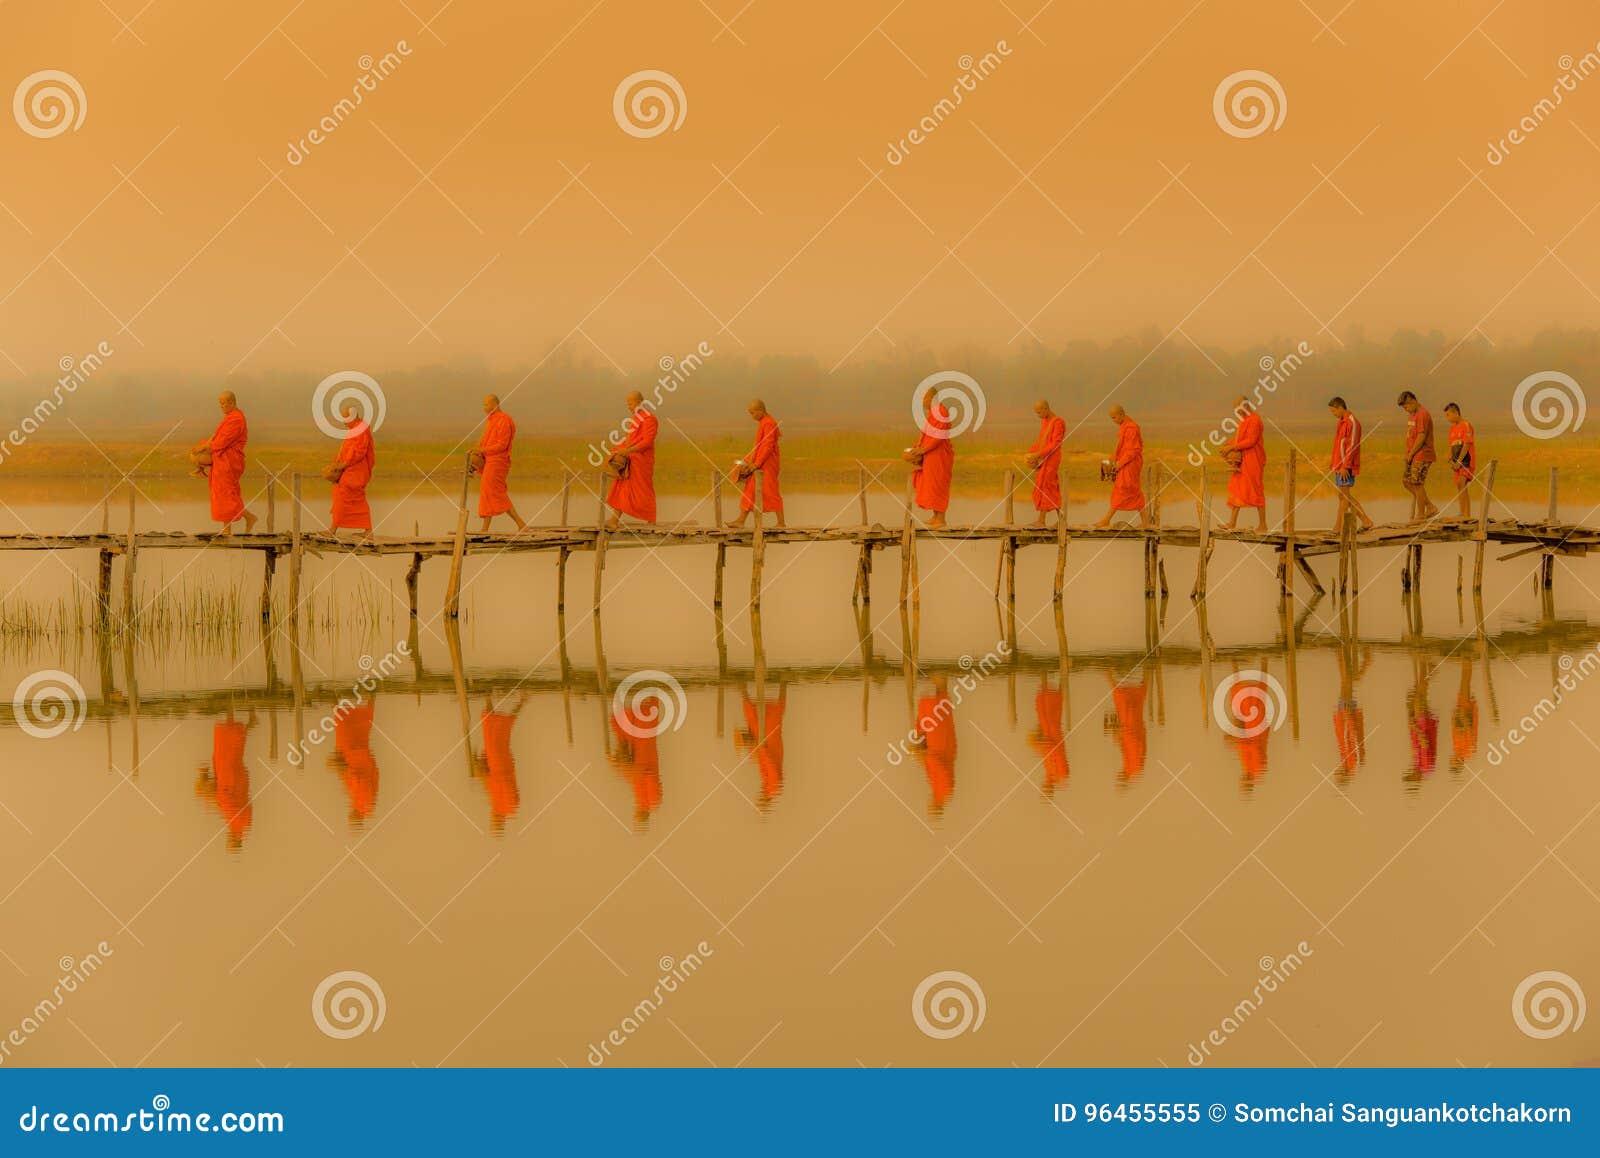 Buddistmonniken die aalmoes marcheren te zoeken in ochtend met fofoggy envi